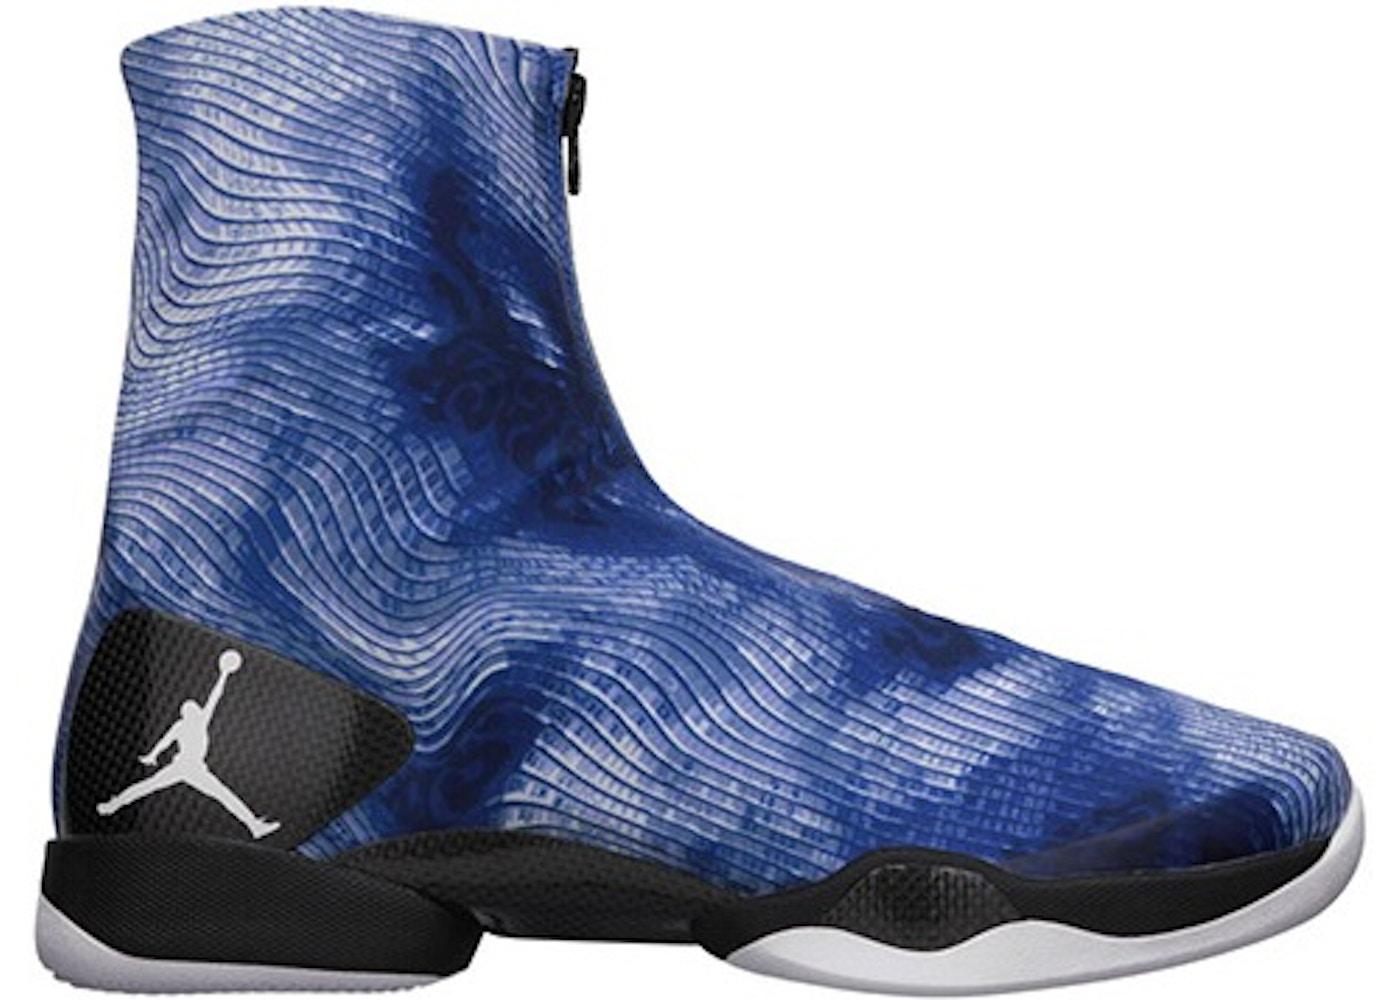 outlet store 58cbe 77ecd Jordan XX8 Blue Camo